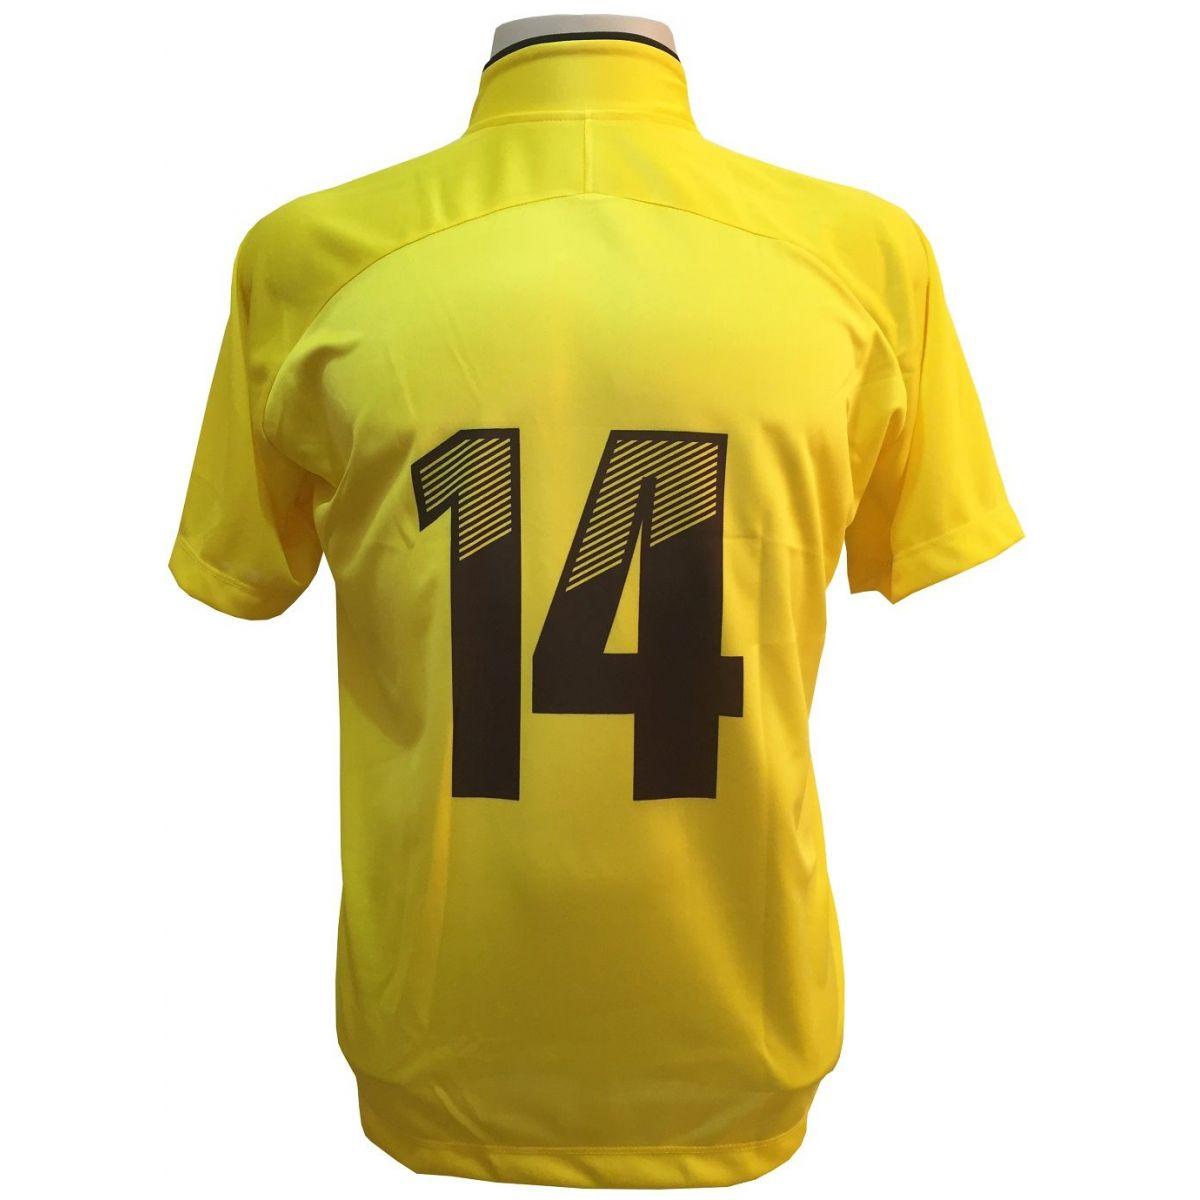 Uniforme Esportivo com 12 Camisas modelo City Amarelo/Preto + 12 Calções modelo Madrid Preto + 12 Pares de meiões Amarelo